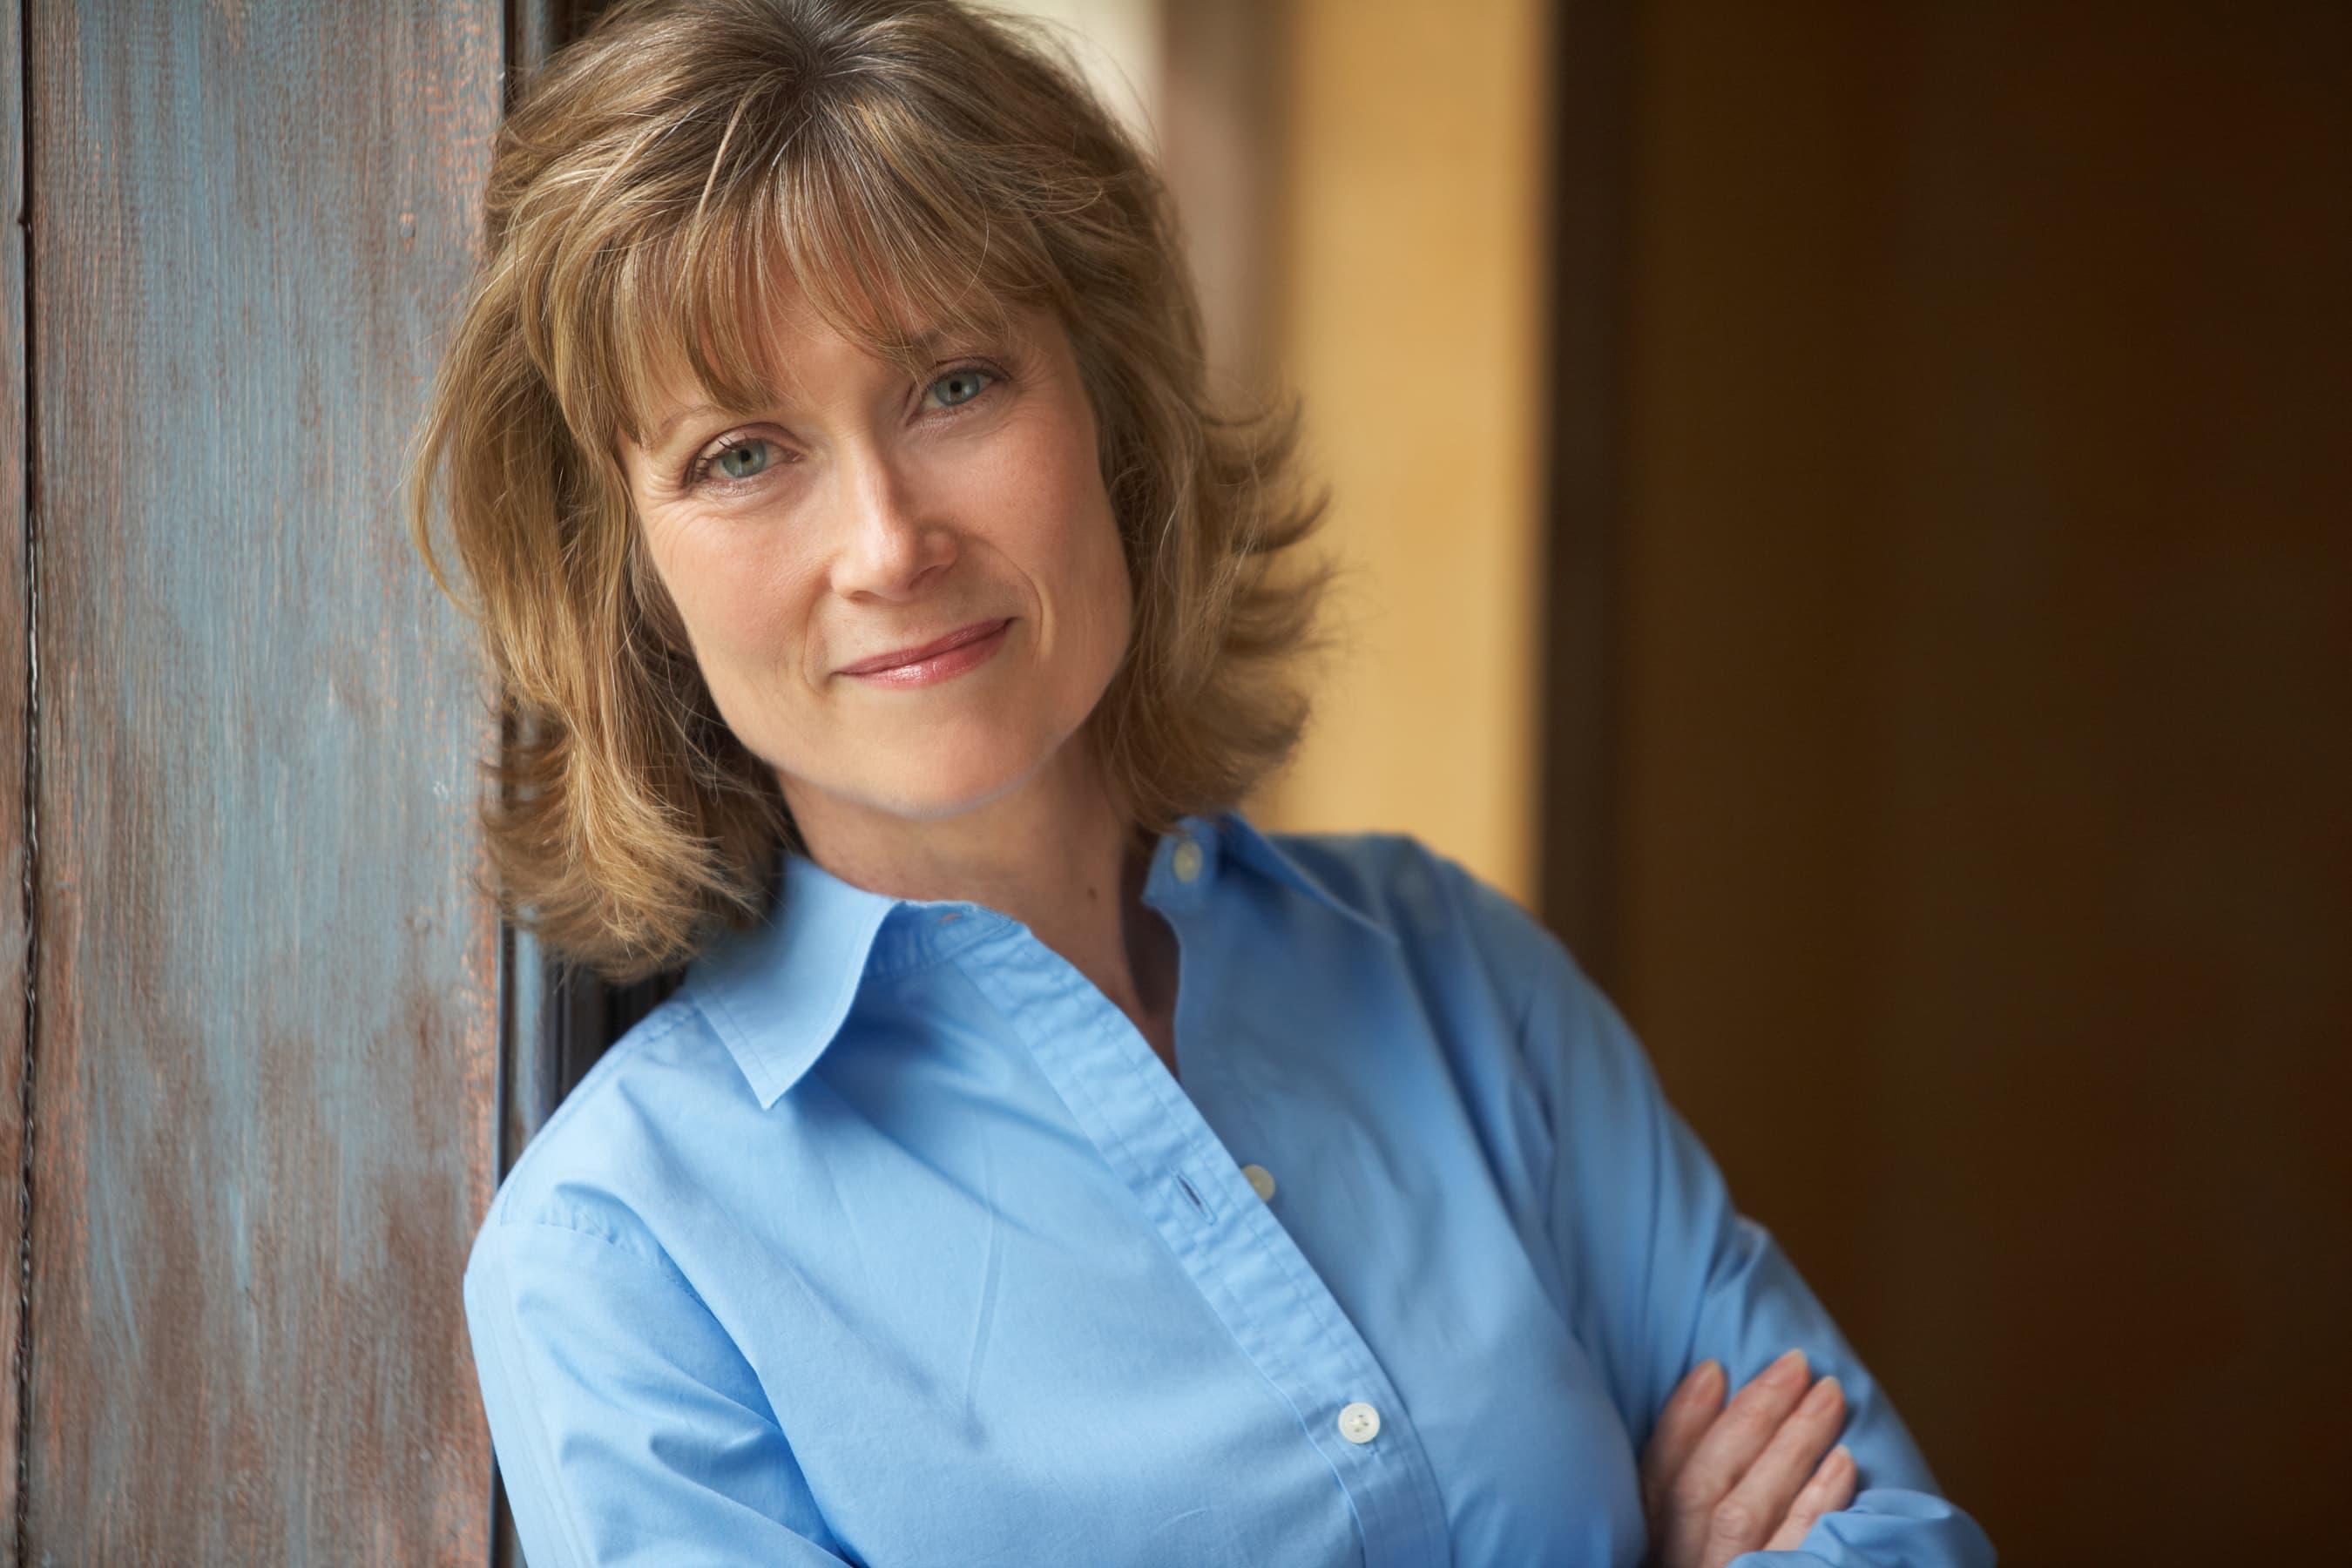 Carla Buckley